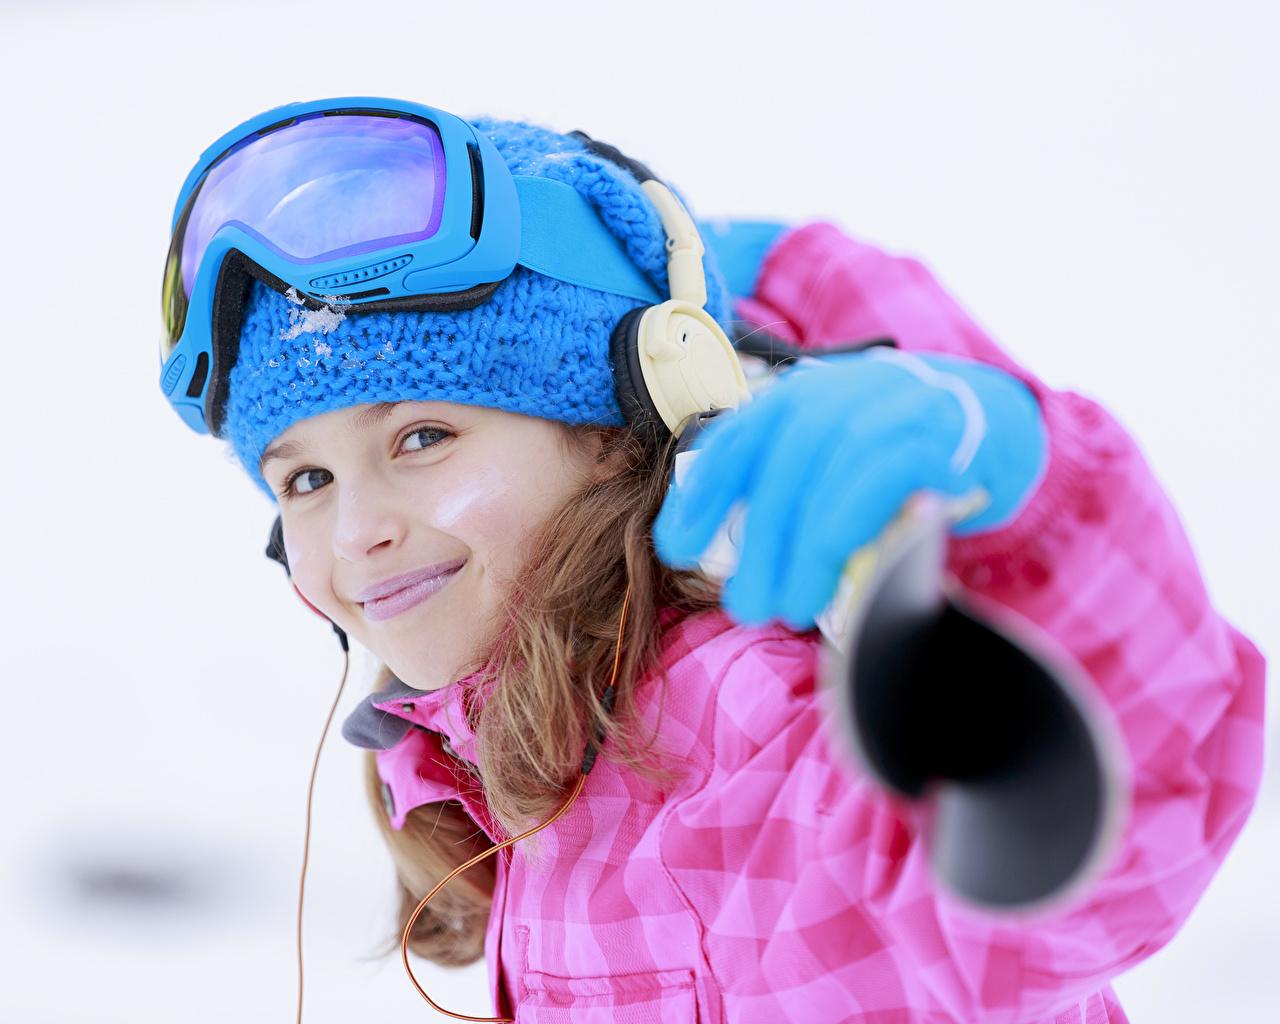 Фотография Девочки Наушники улыбается ребёнок очках Белый фон девочка в наушниках Улыбка Дети Очки очков белом фоне белым фоном